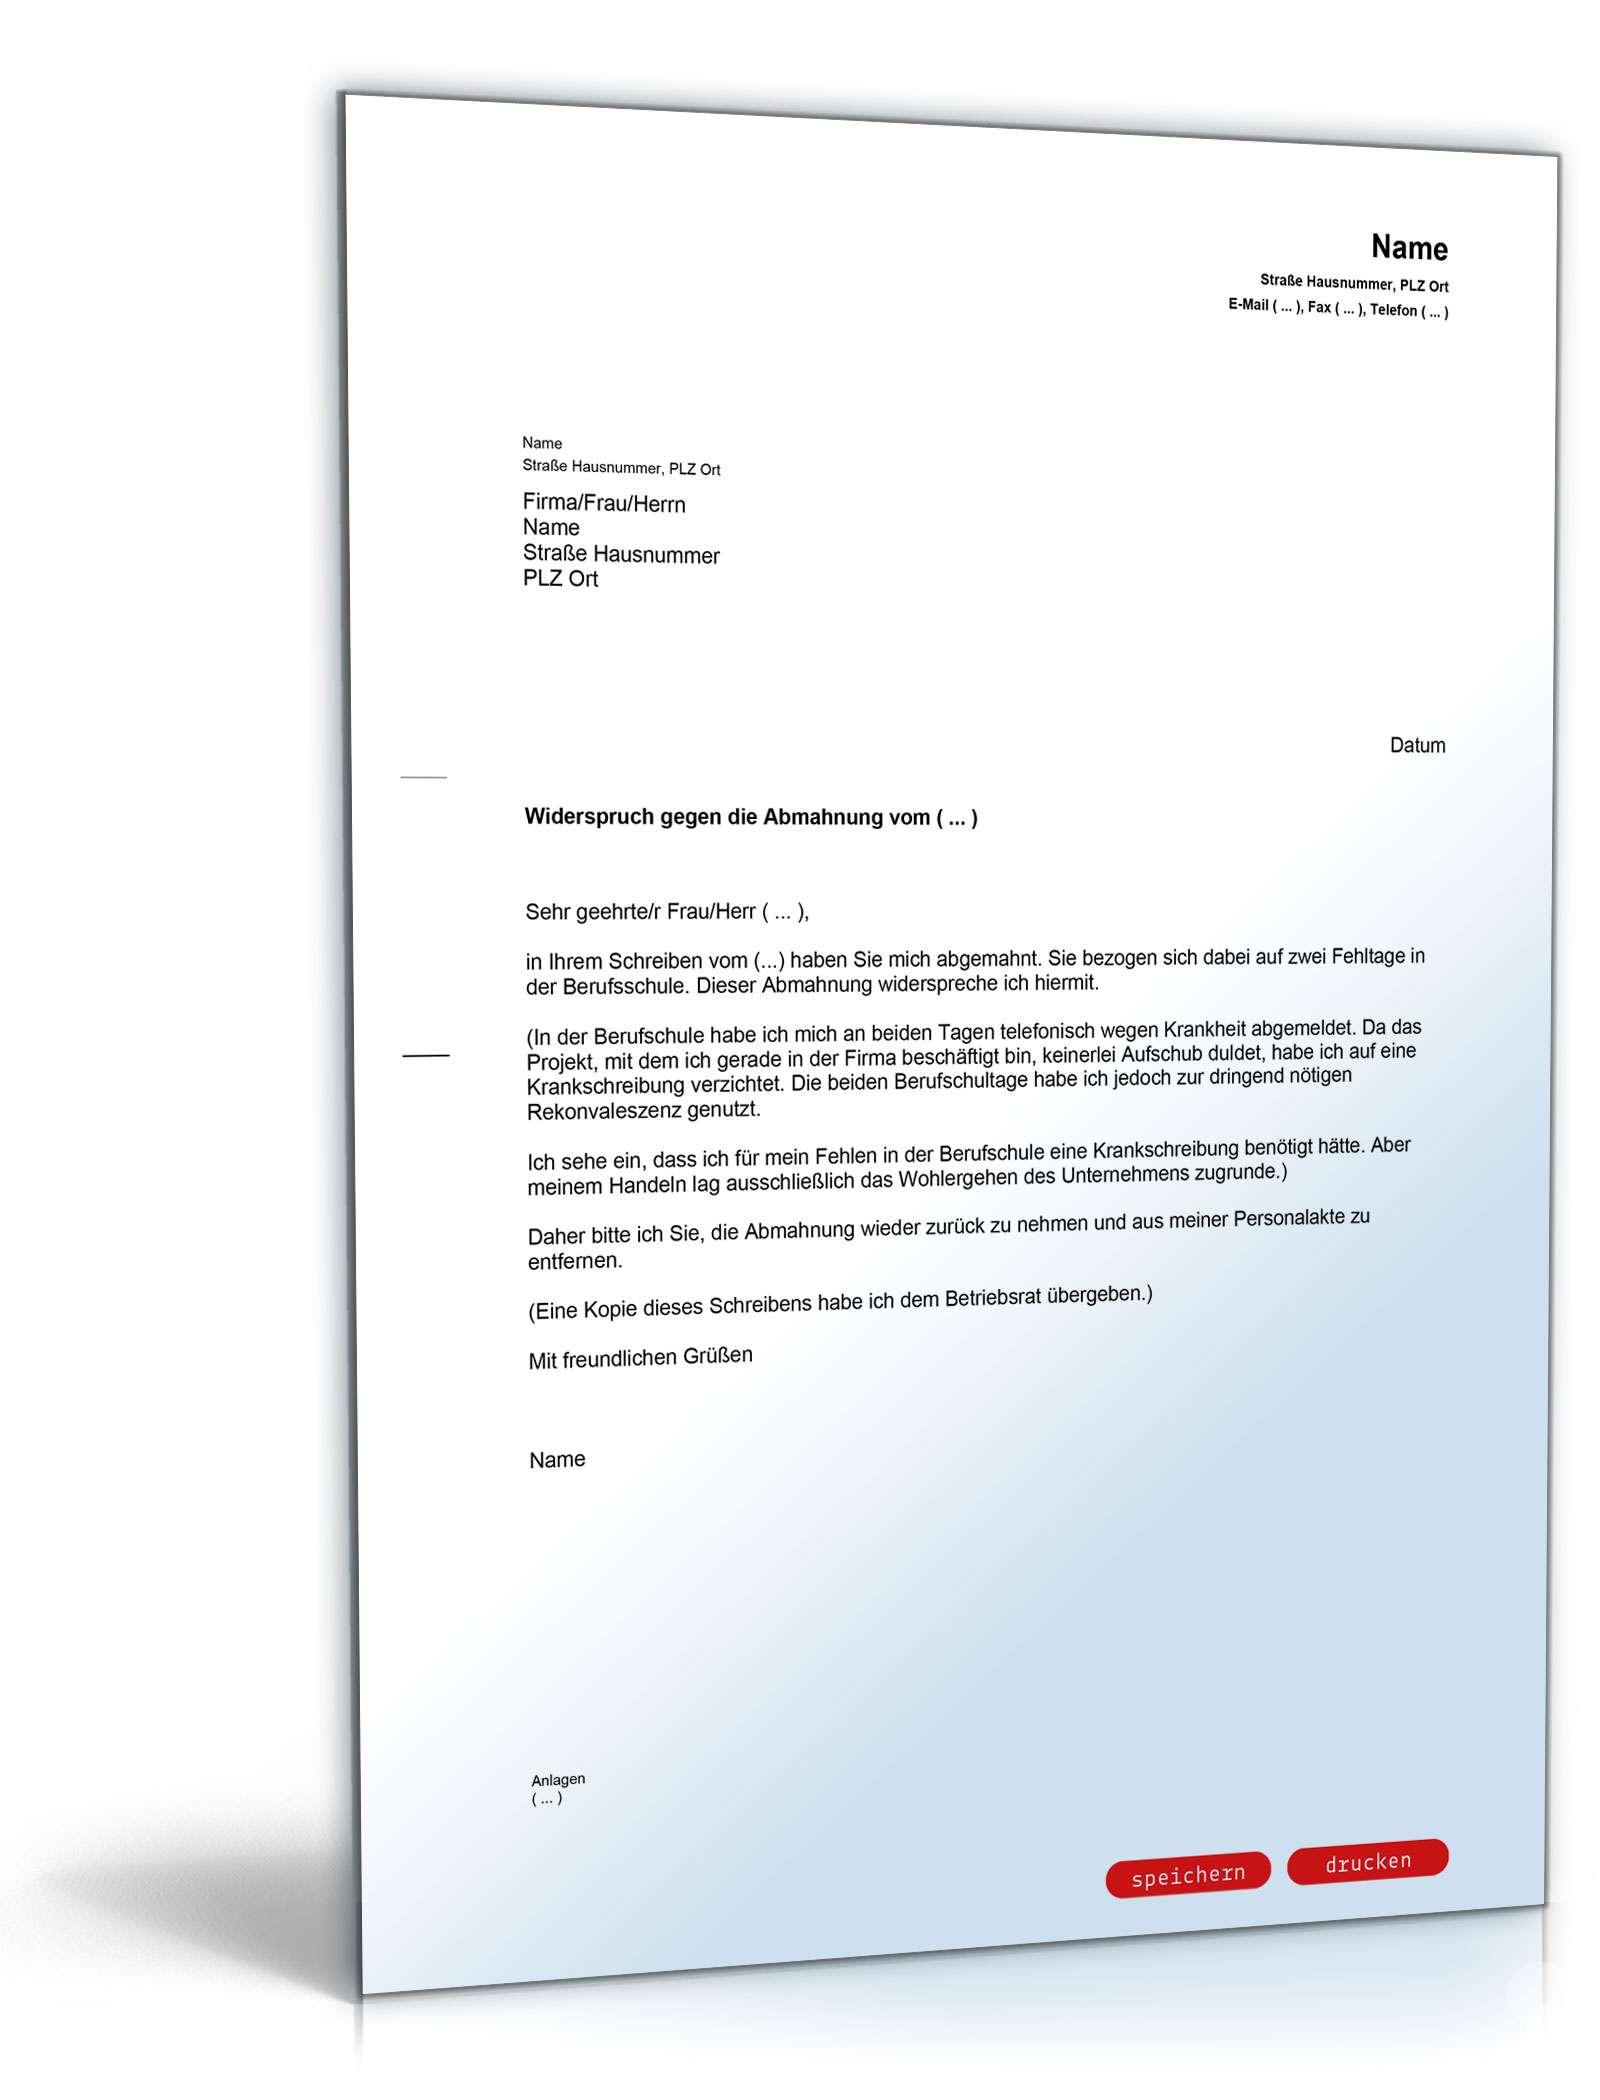 Großzügig Projektblattvorlage Zeitgenössisch - FORTSETZUNG ...